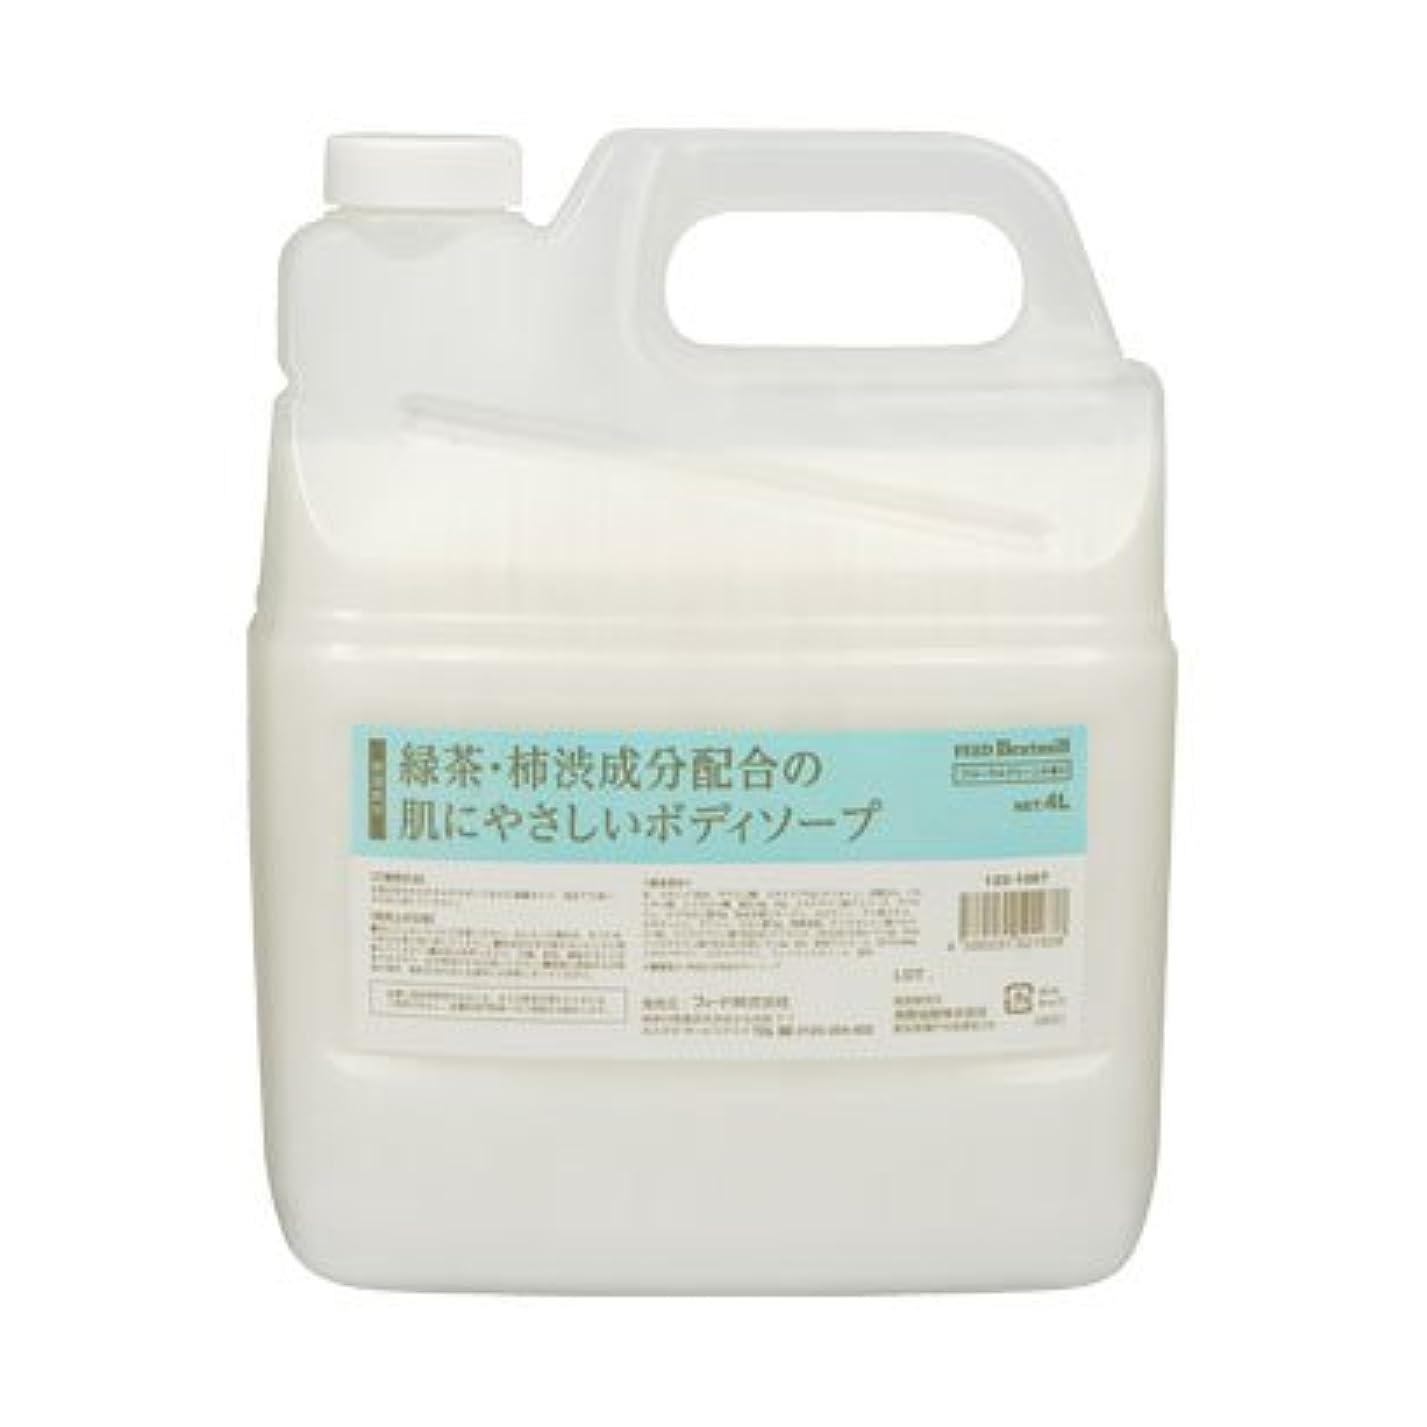 遺棄されたせがむ焦がす【業務用】 FEED(フィード) 緑茶?柿渋成分配合の肌にやさしいボディソープ/4L 石けん 入数 1本